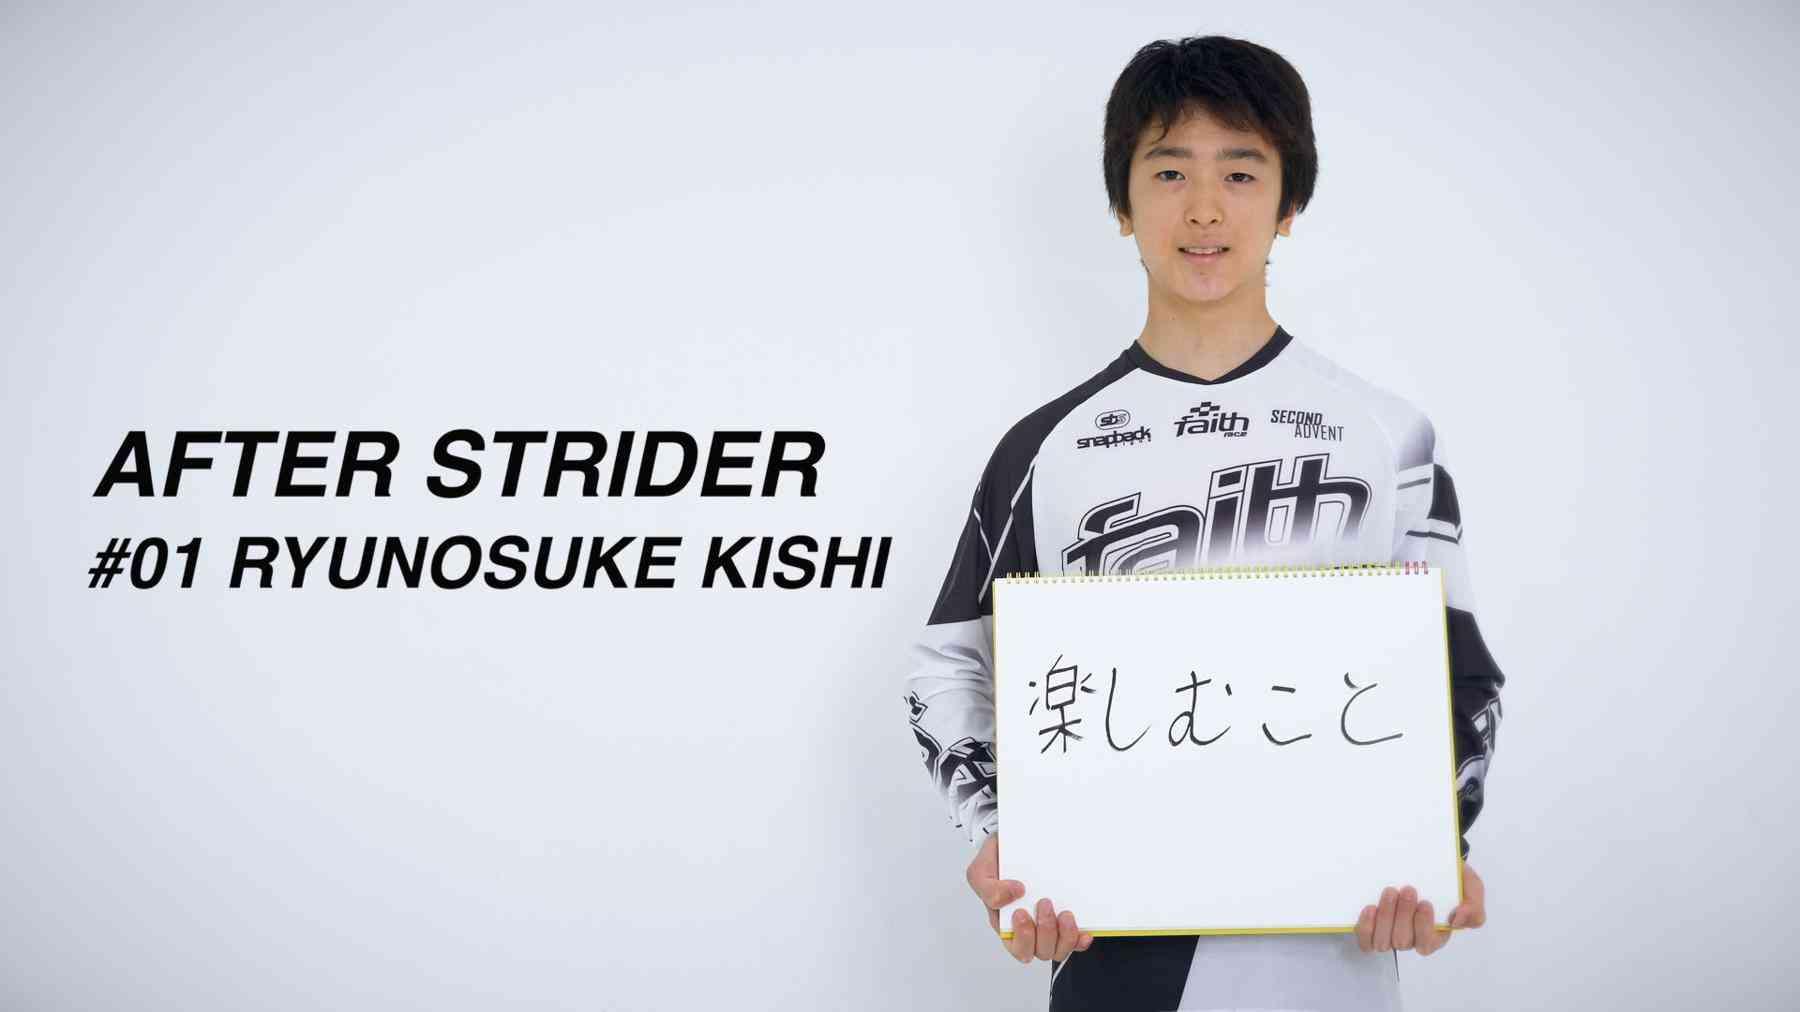 ストライダー卒業生インタビューVol.1 BMXでオリンピック金メダルを目指す岸龍之介君